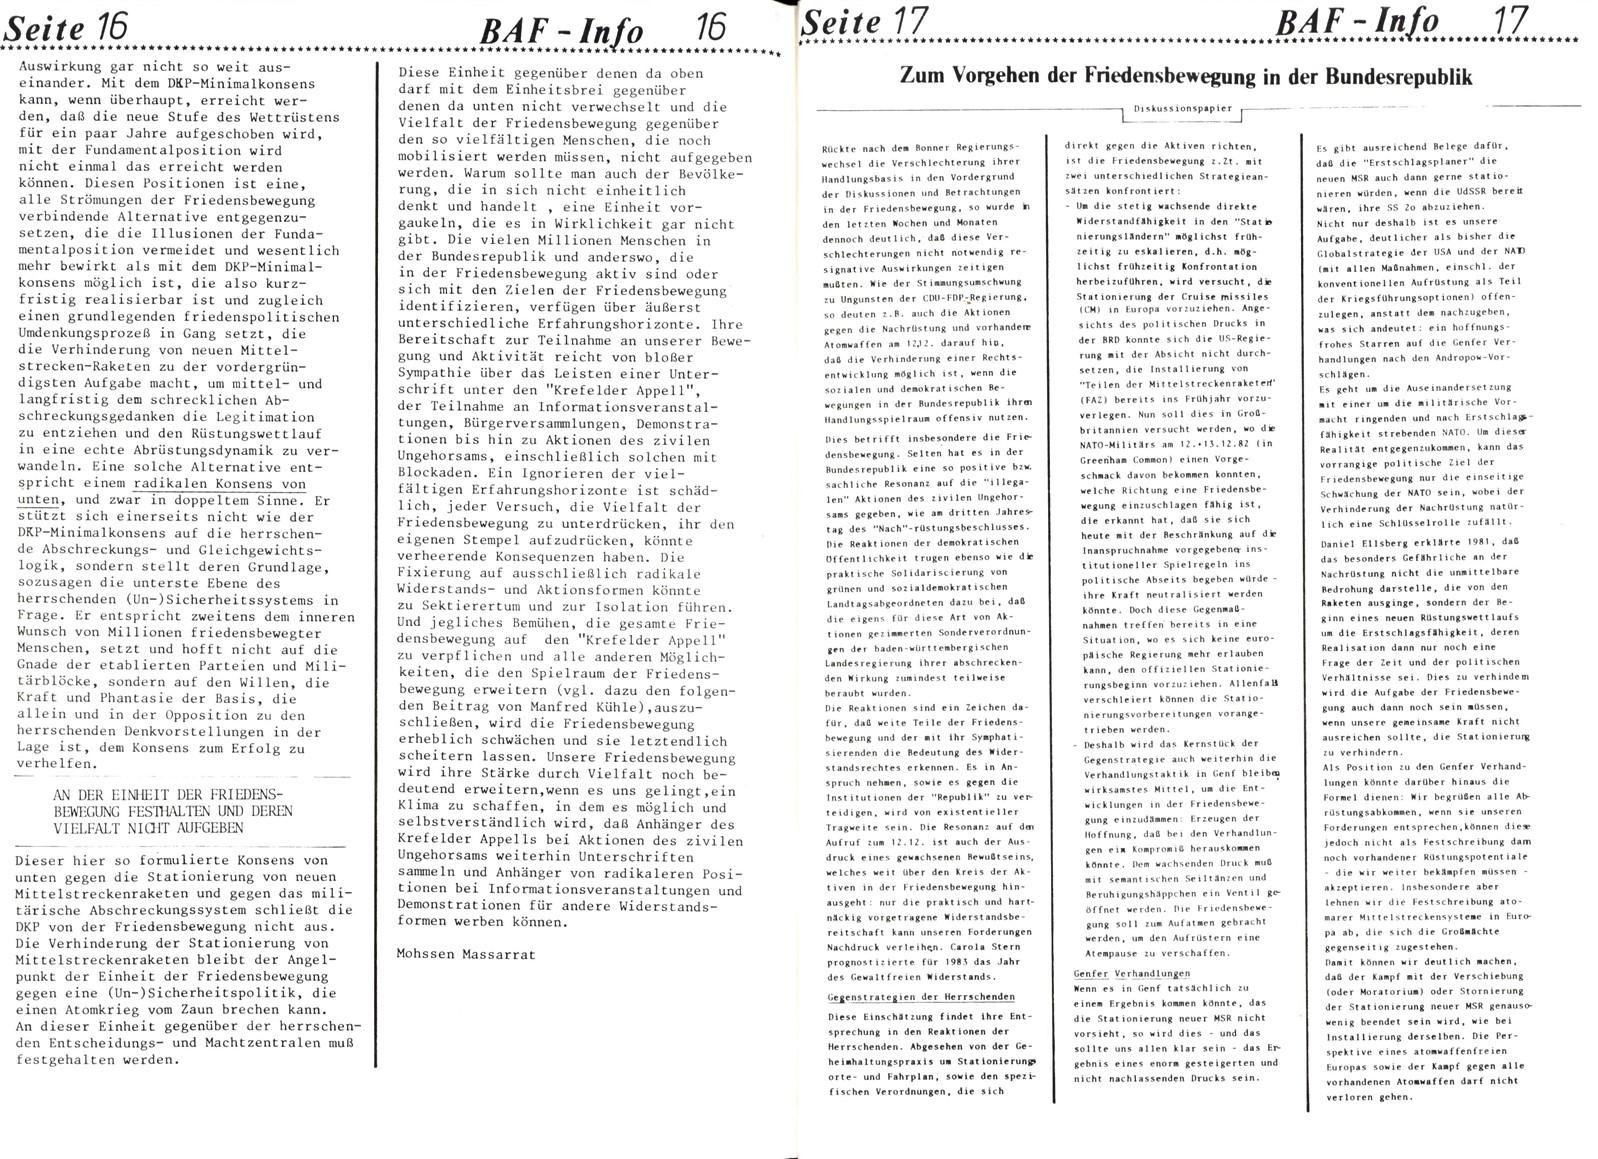 BAF_Info_02_19830100_09